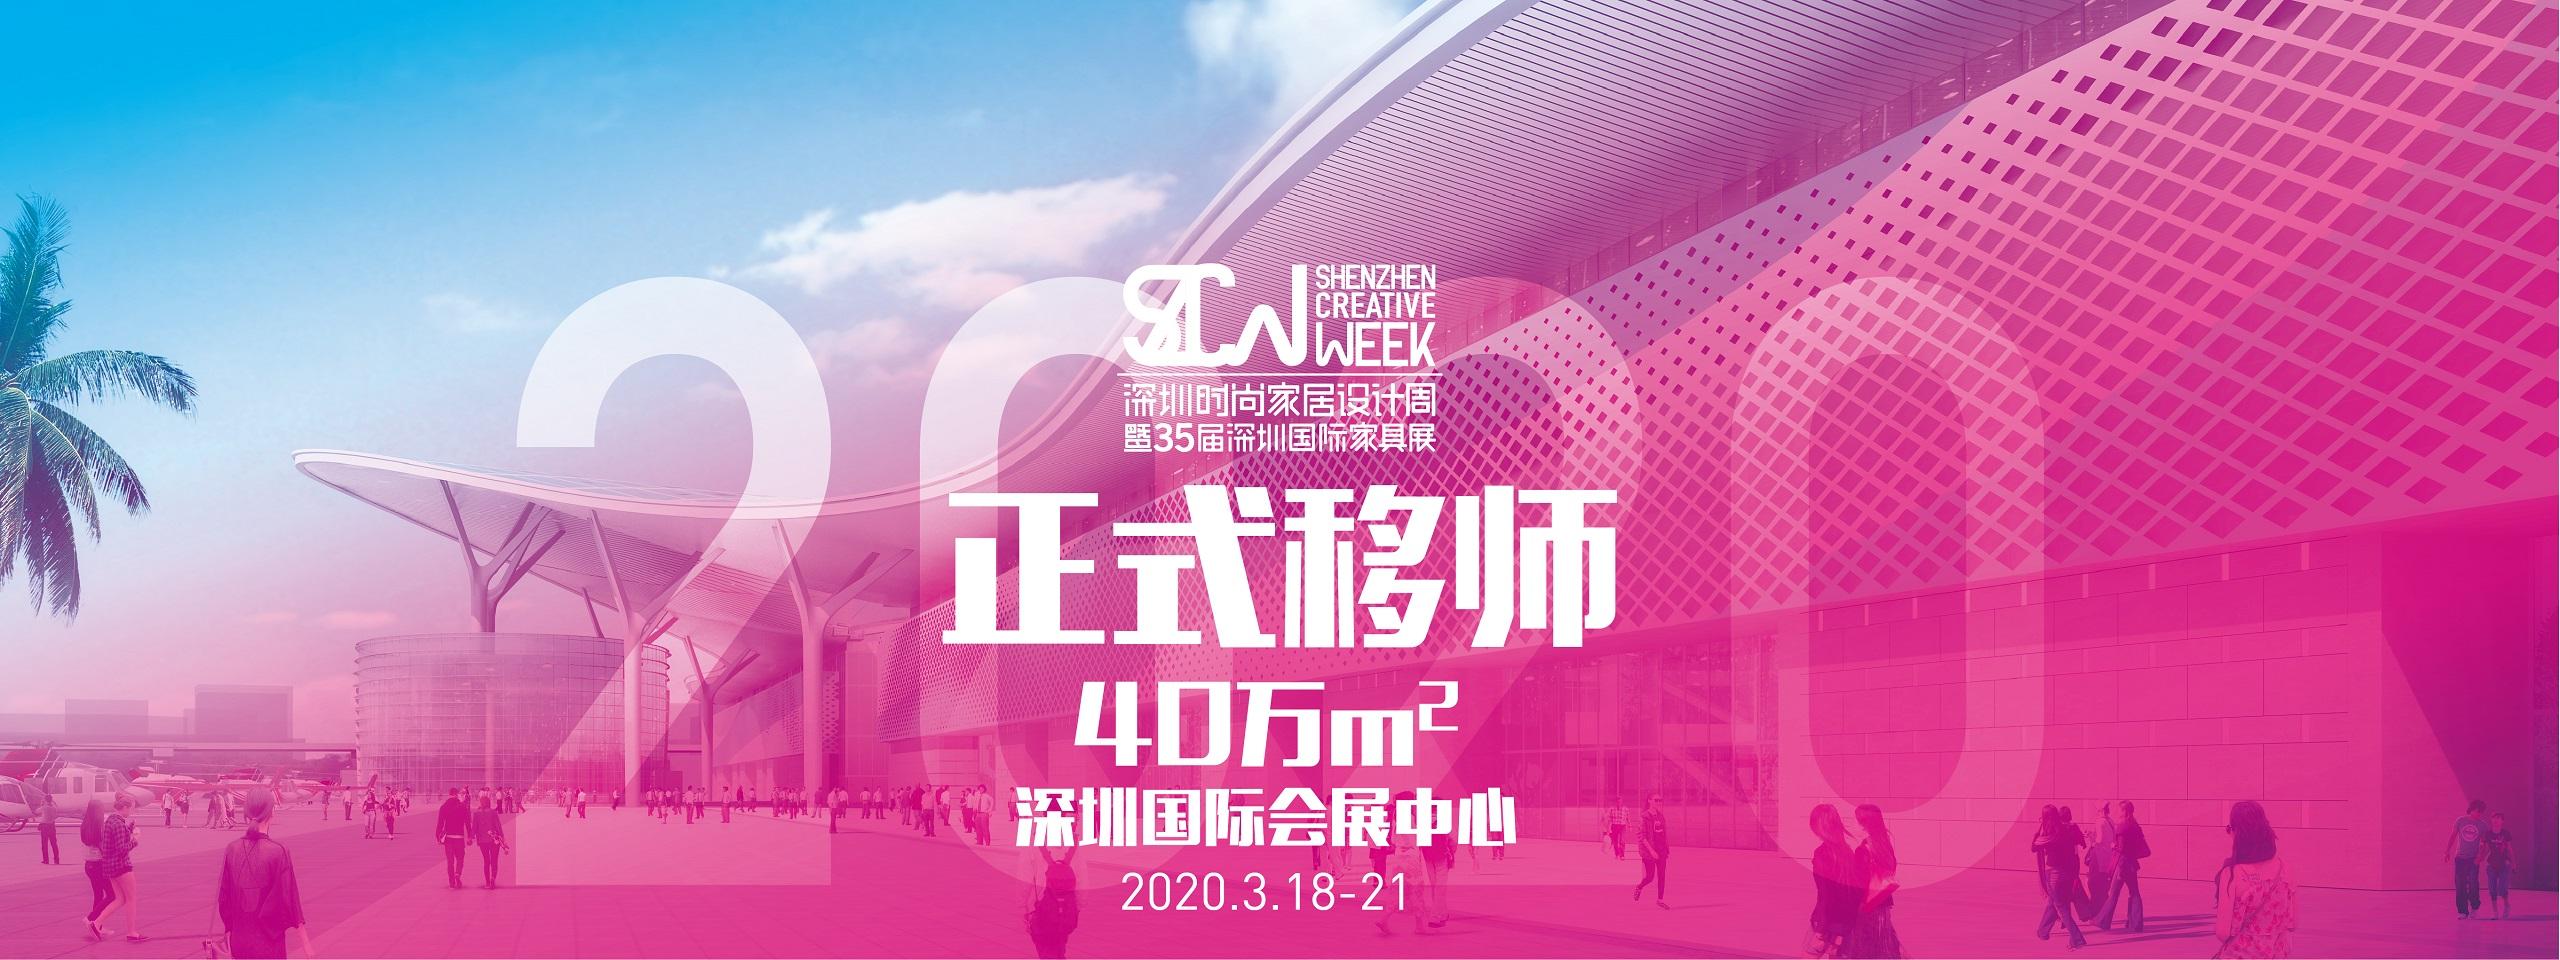 2020深圳国际会展中心